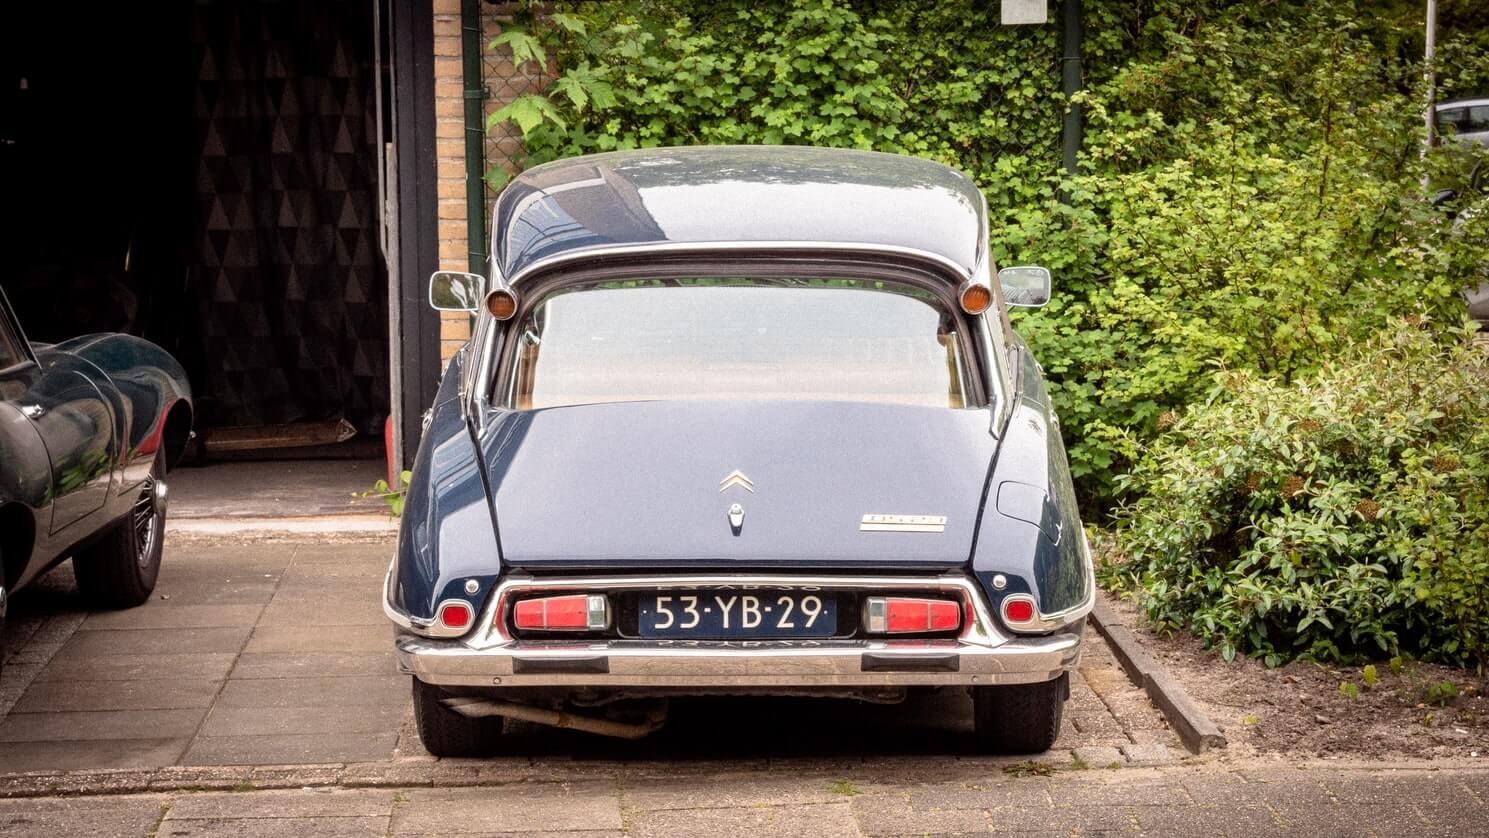 Carro antigo e reformado estacionado